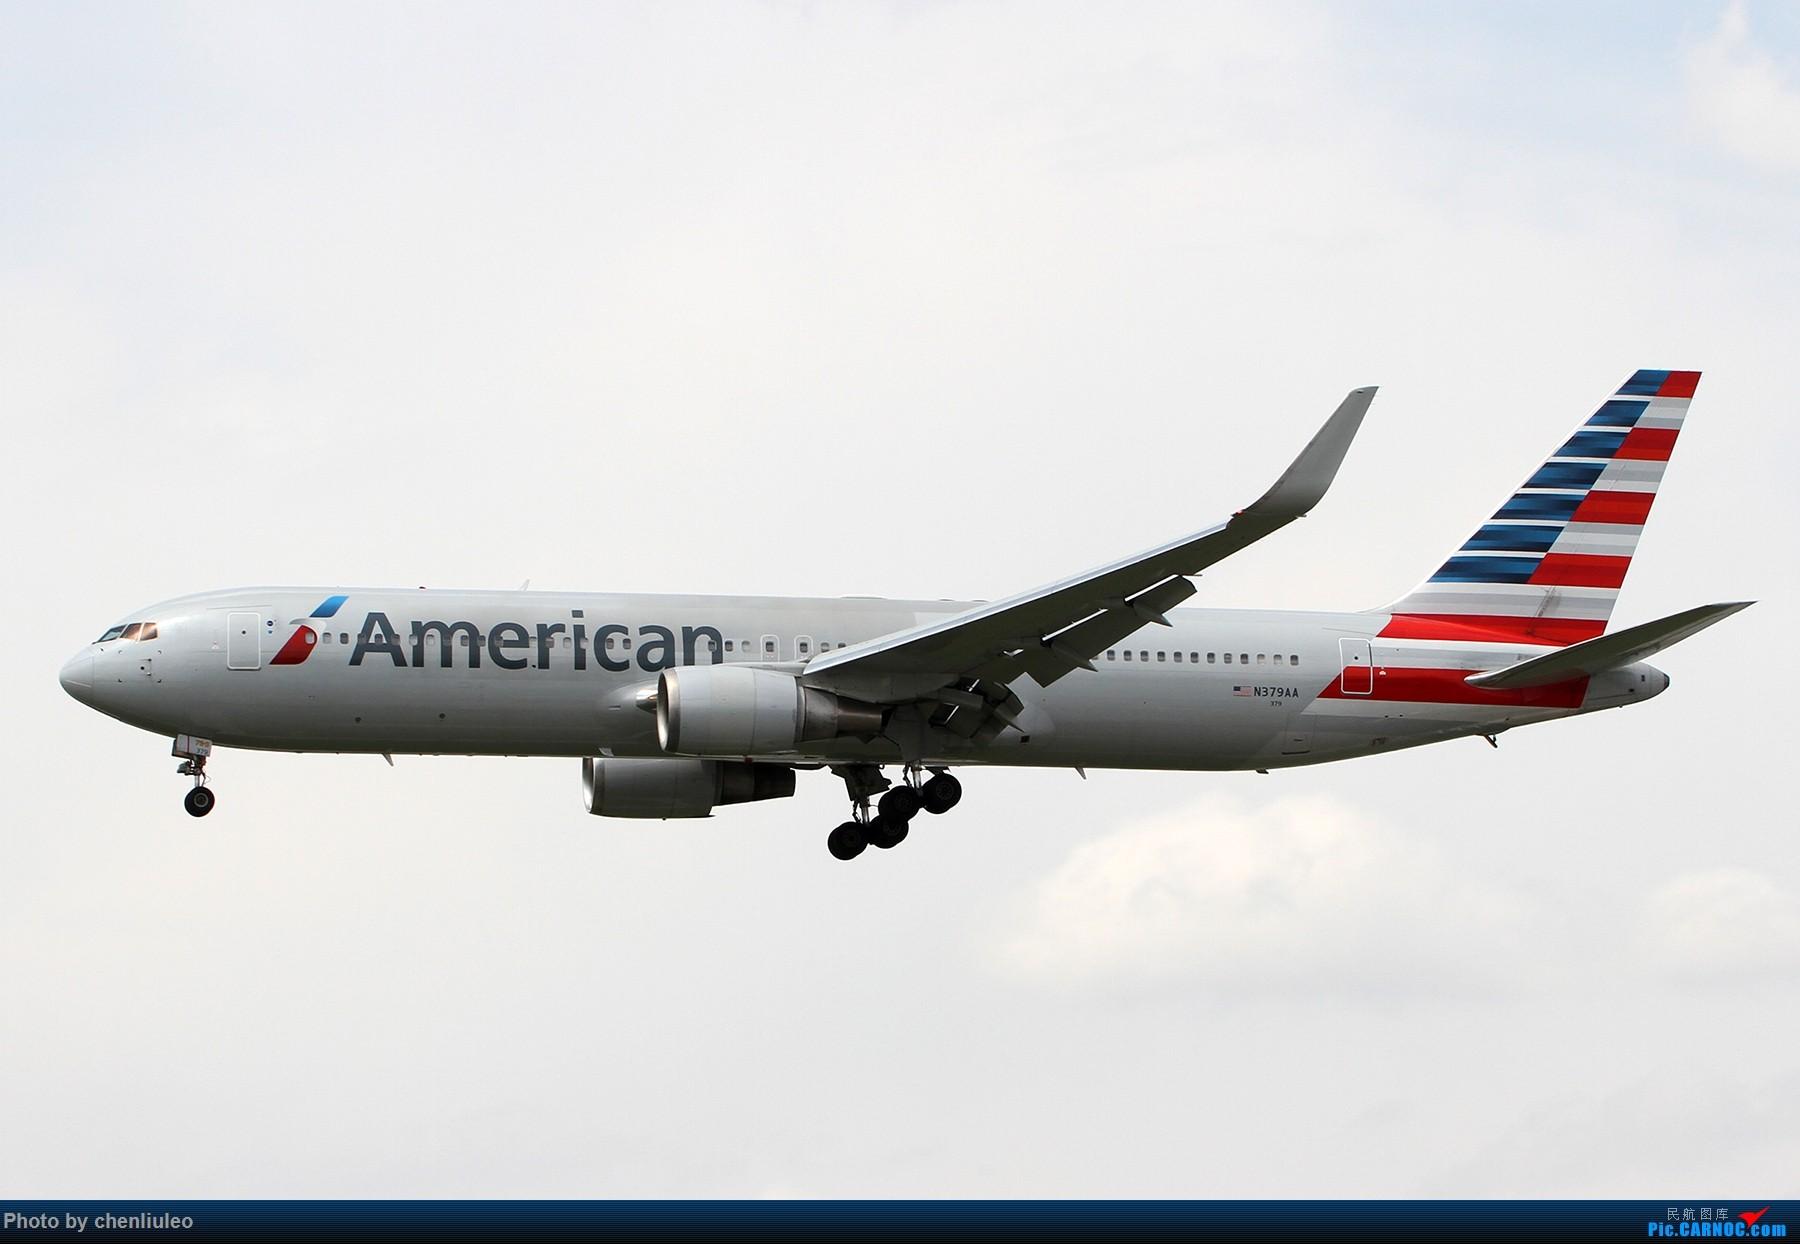 Re:[原创]【北美飞友会】芝加哥奥黑尔机场首拍 BOEING 767-300ER N379AA 美国芝加哥奥黑尔国际机场